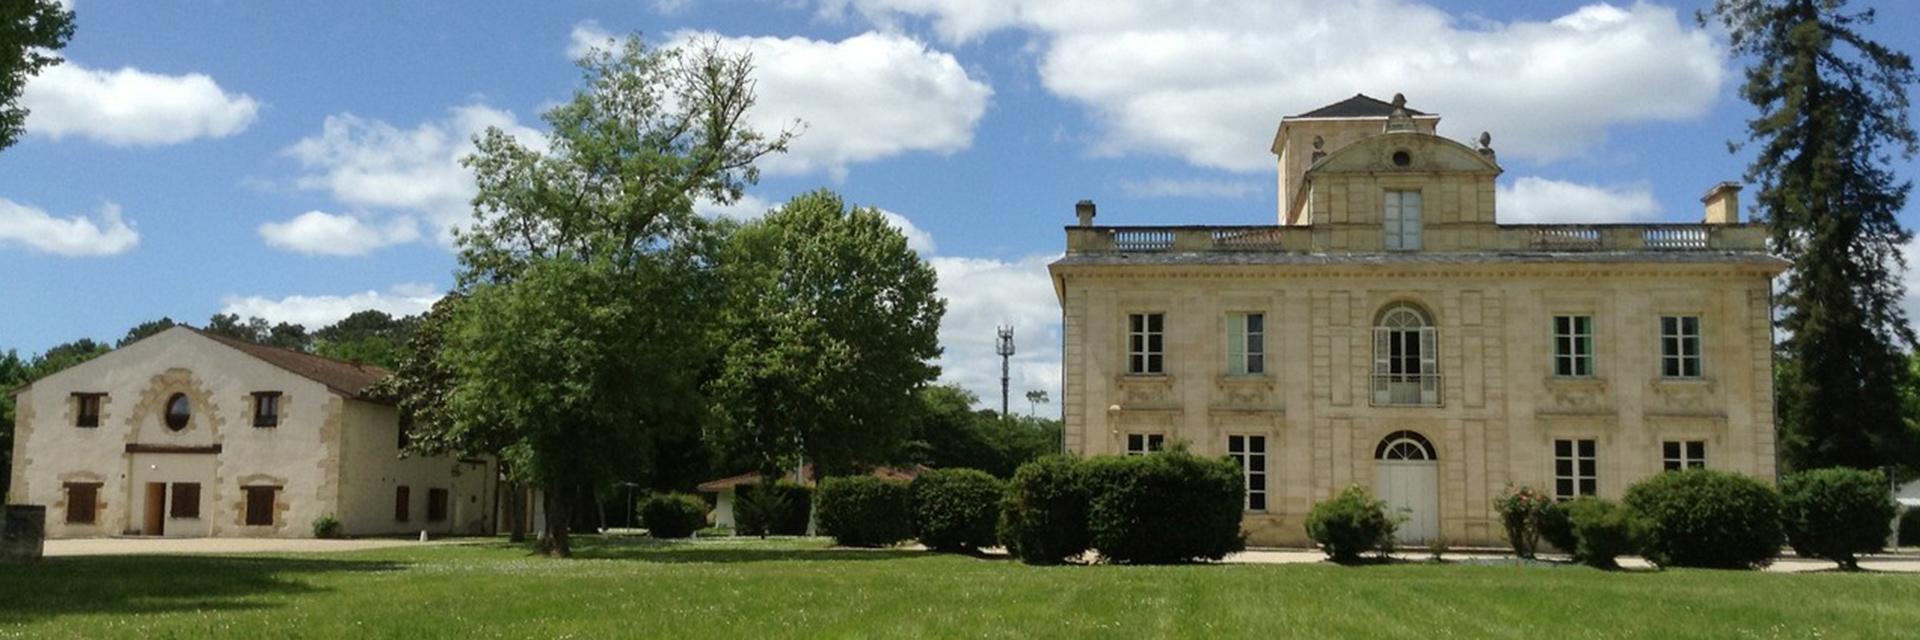 Séjour patrimoine et nature - Château Moulerens